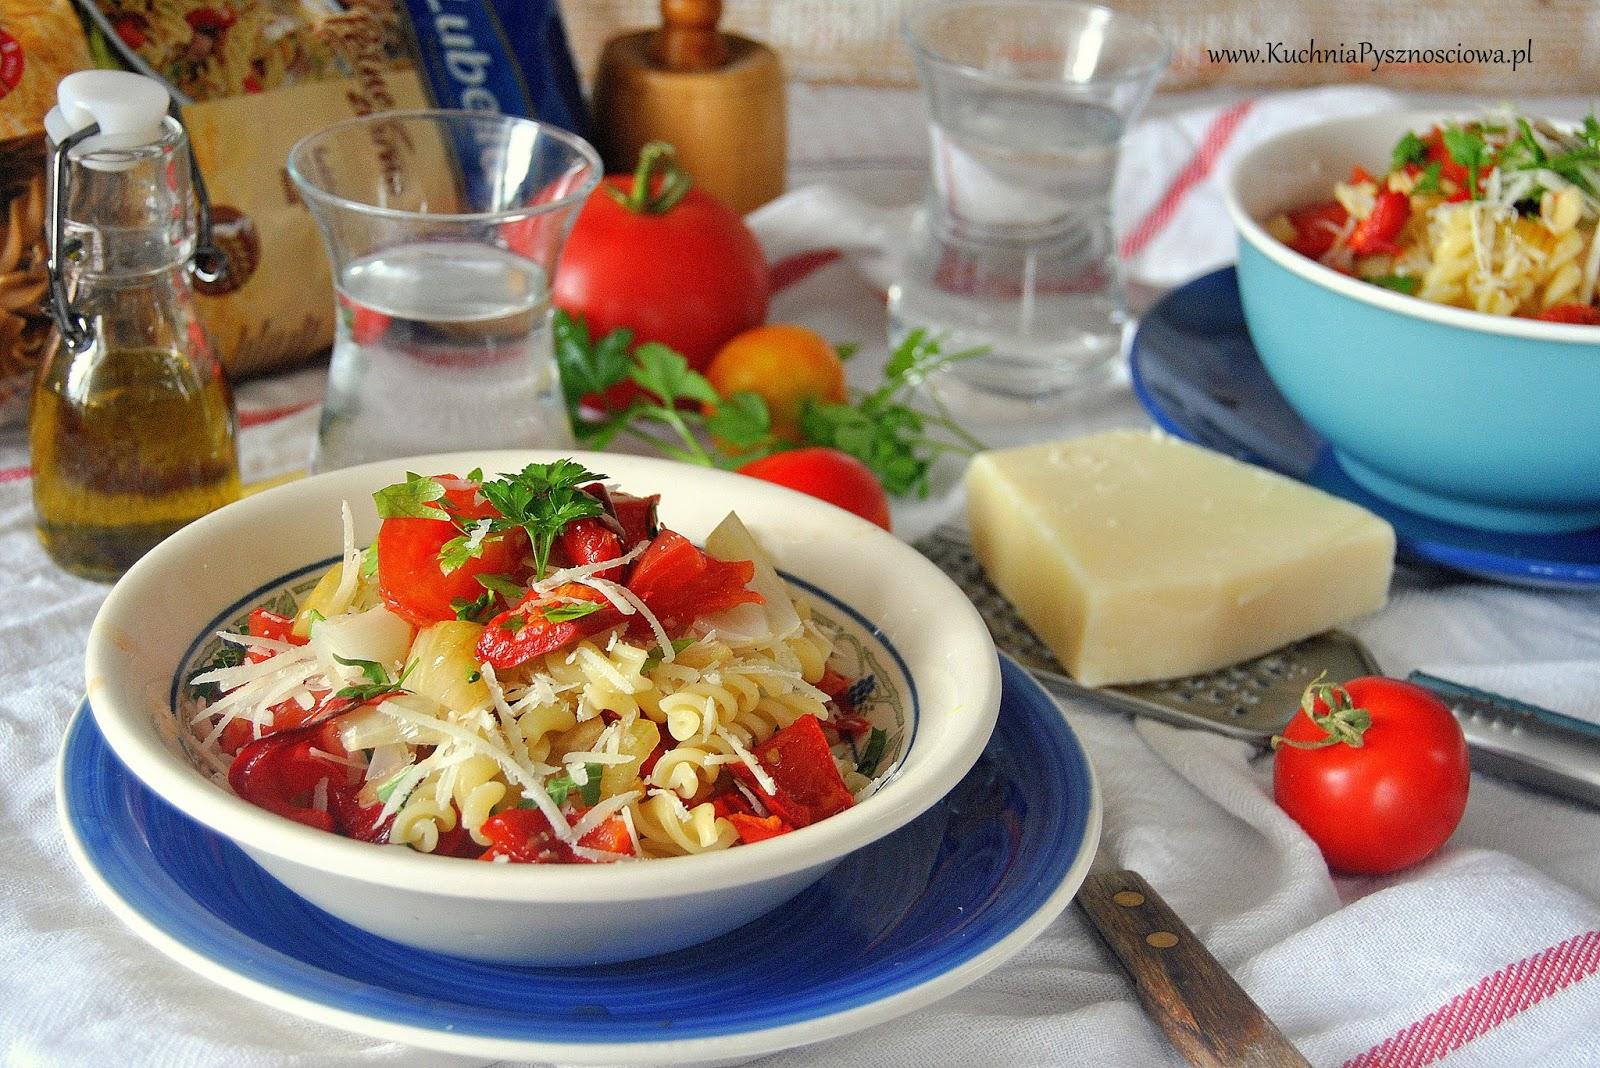 533. Sałatka makaronowa z pieczonymi warzywami i owczym serem